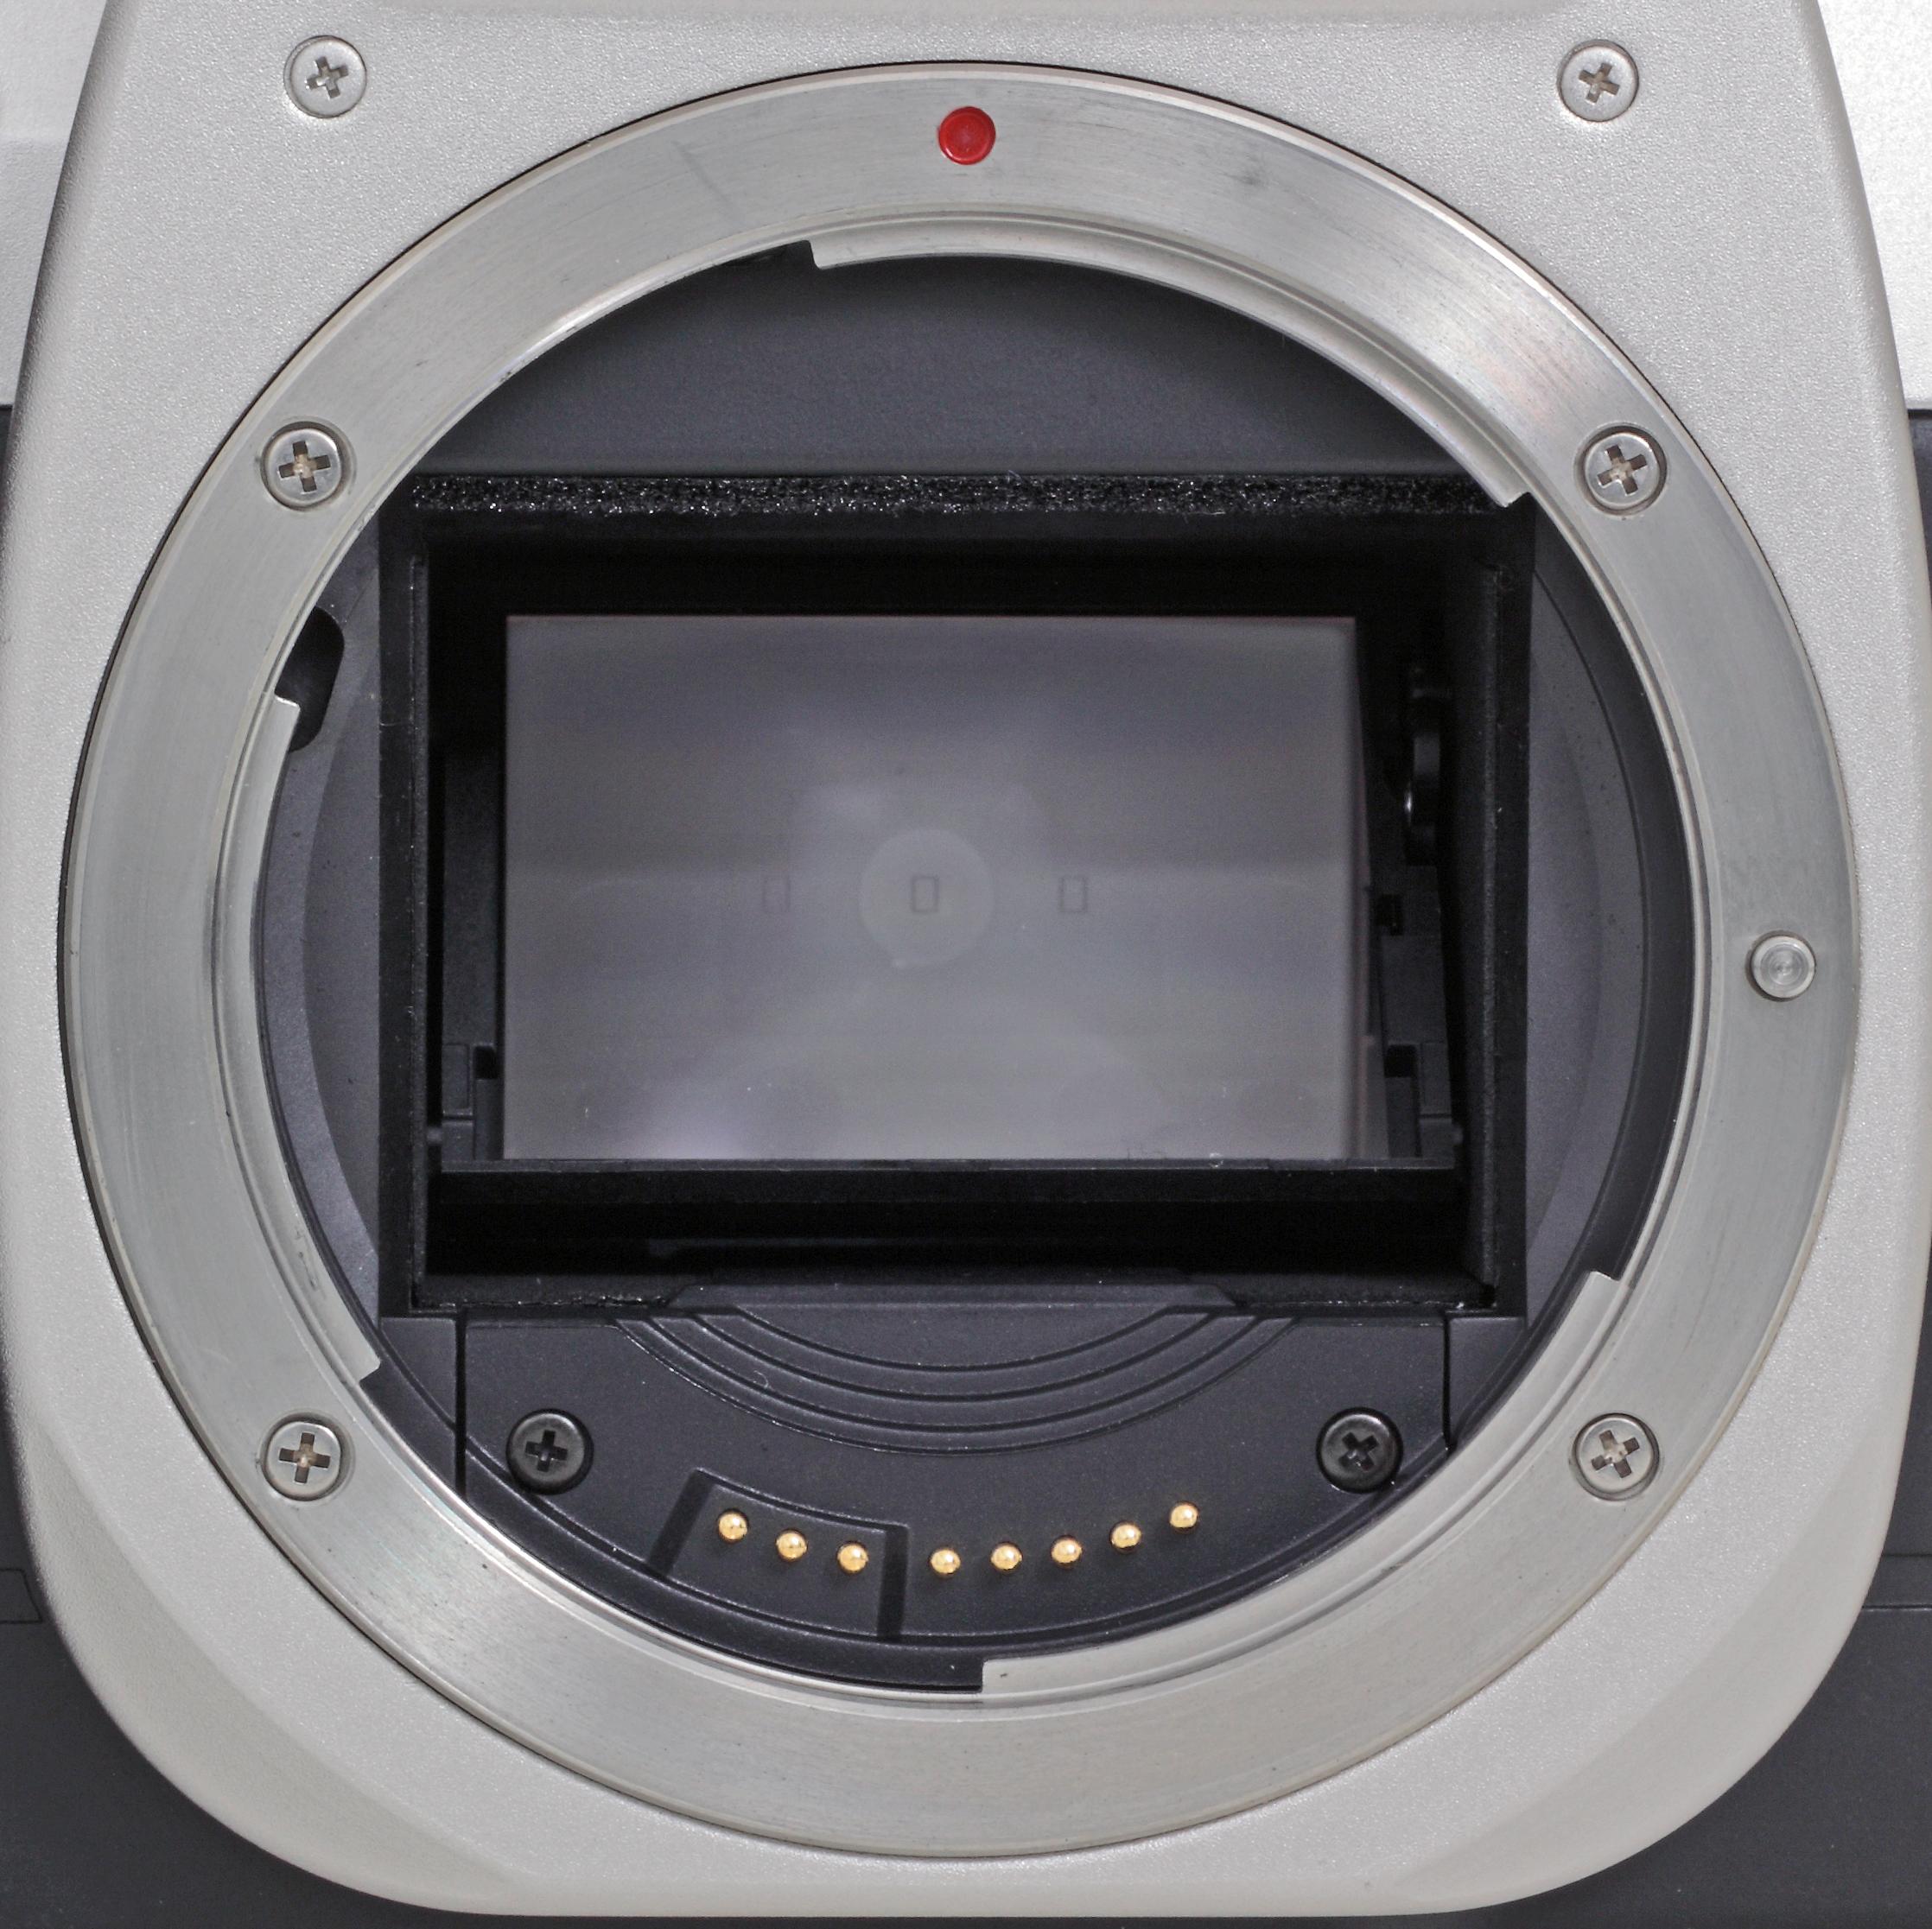 Find Canon Camera